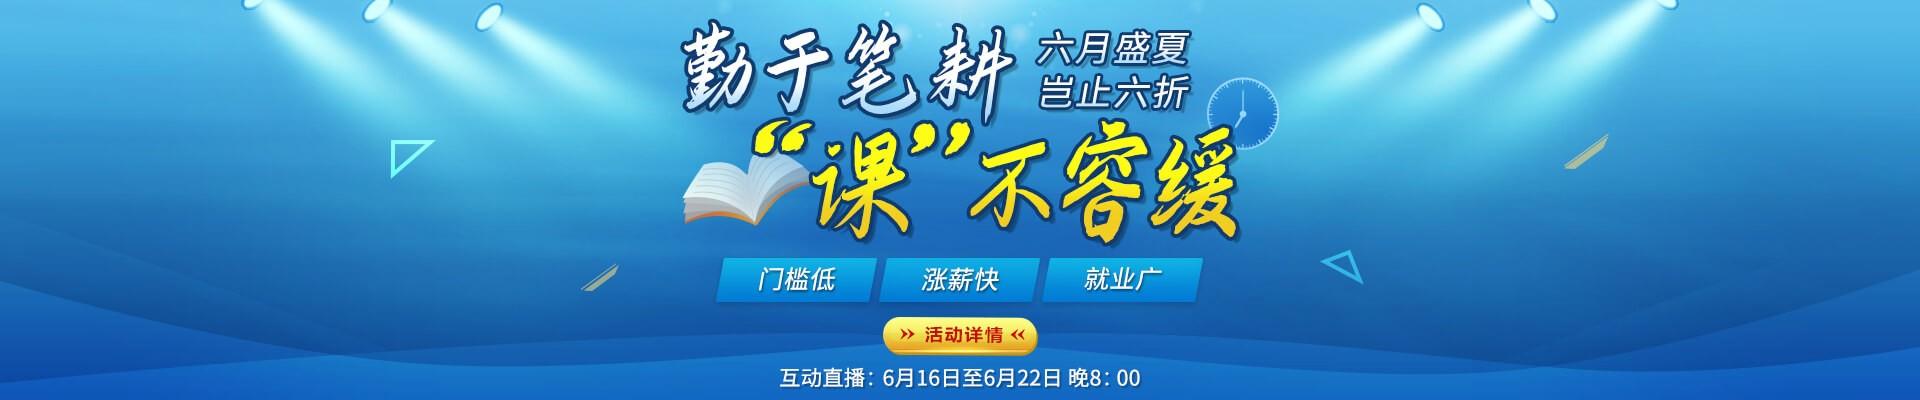 亚博体育官网app造价实战培训,勤于笔耕,课不容缓